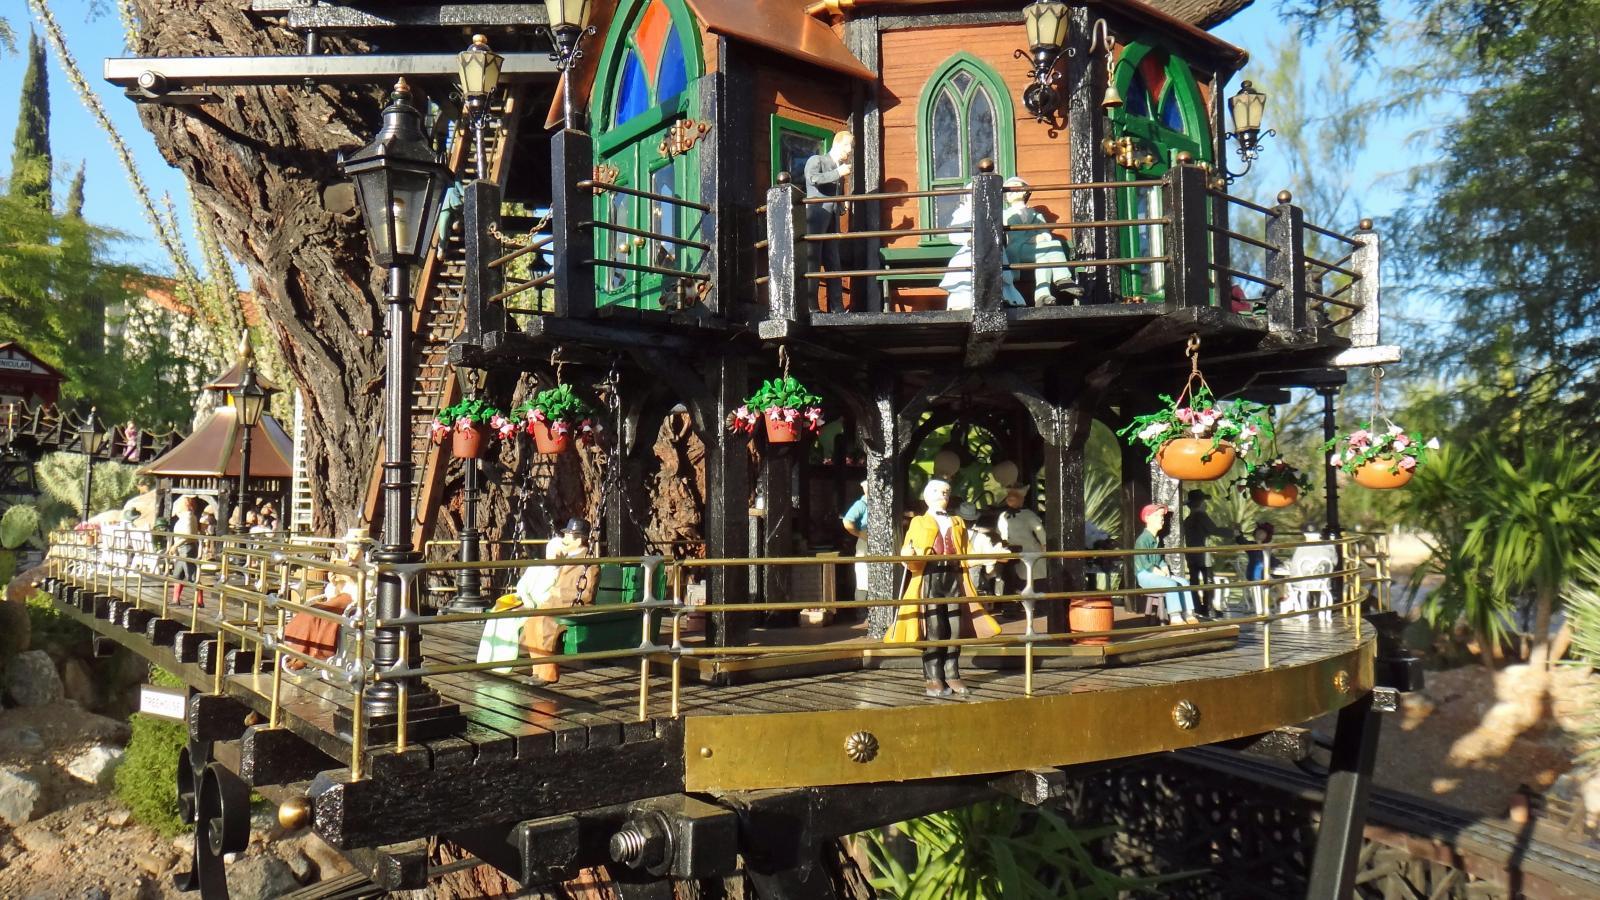 Garden Railway Treehouse Remodeled-59.JPG